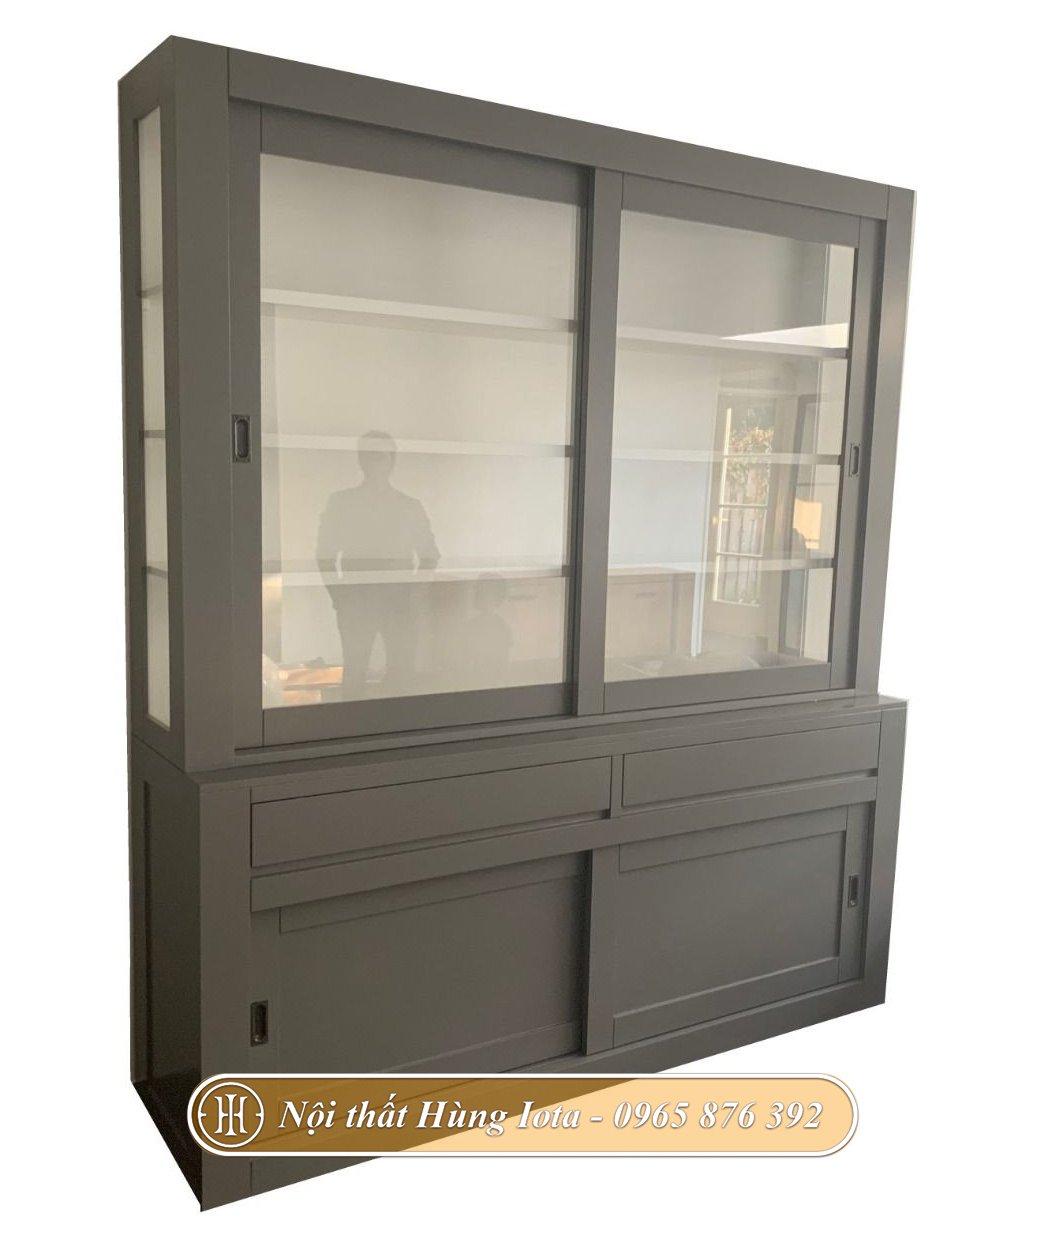 Tủ đựng sản phẩm cho cửa hàng màu xám giá rẻ